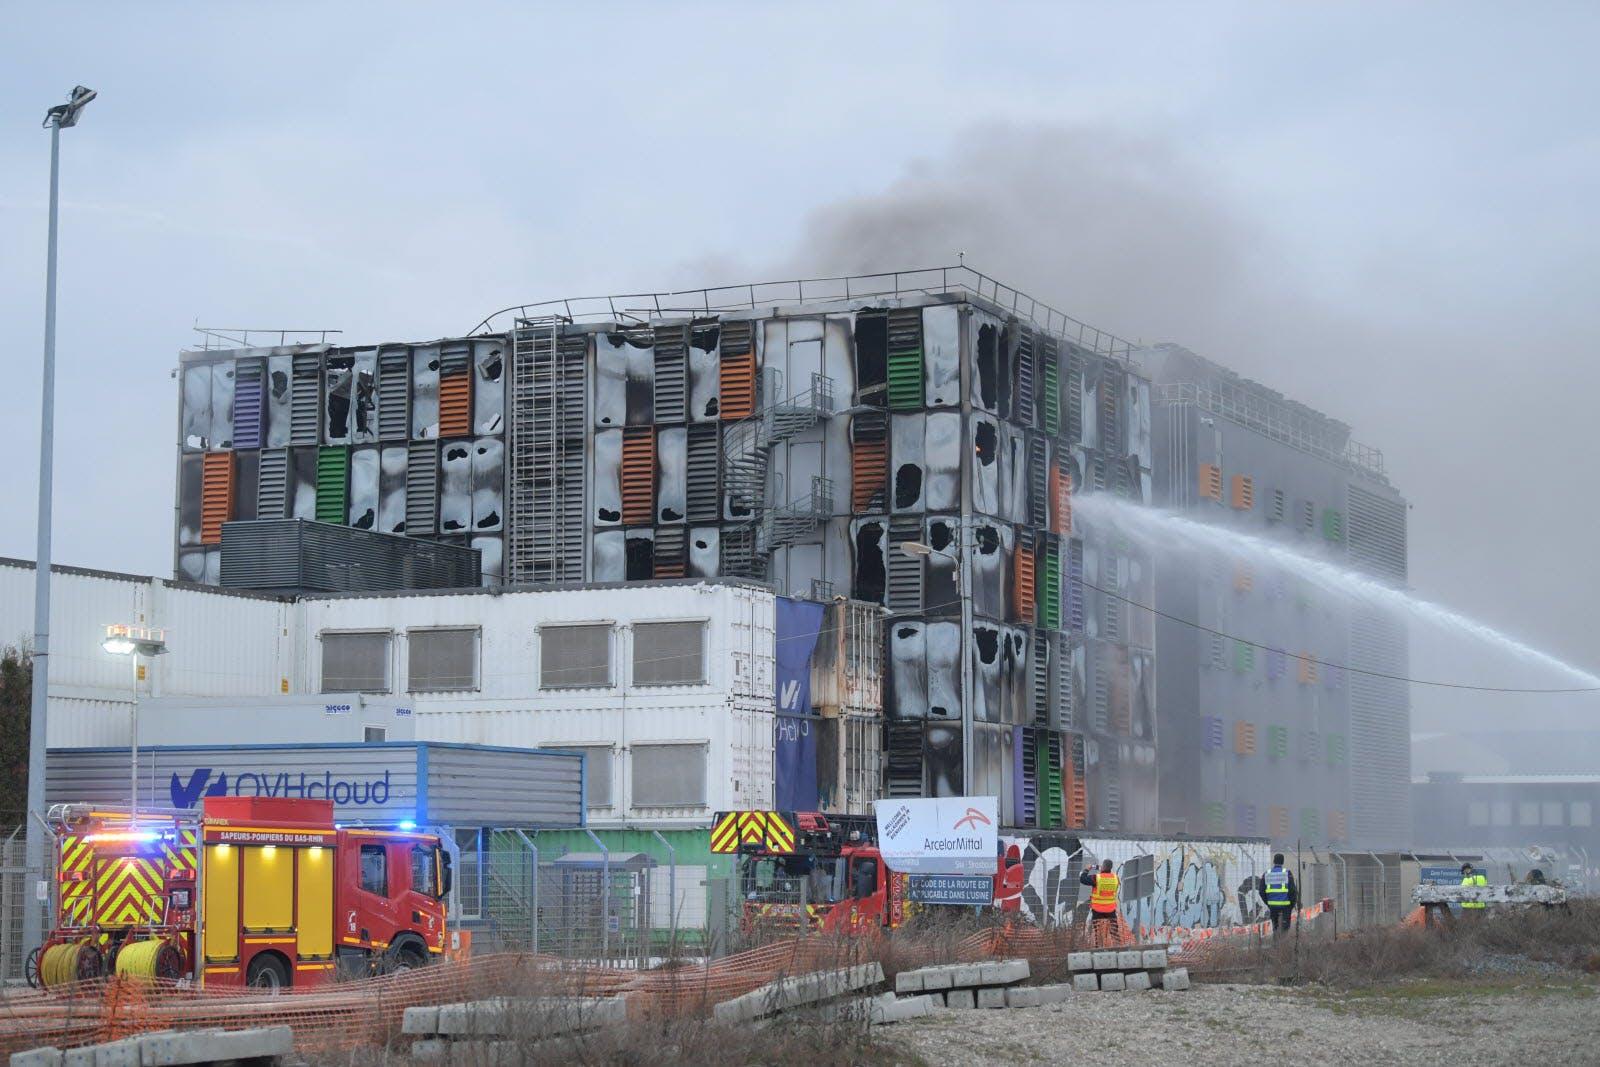 Dogaszanie spalonego budynku serwerowni, widać strumień środka gaśniczego i wozy strażackie na pierwszym planie.